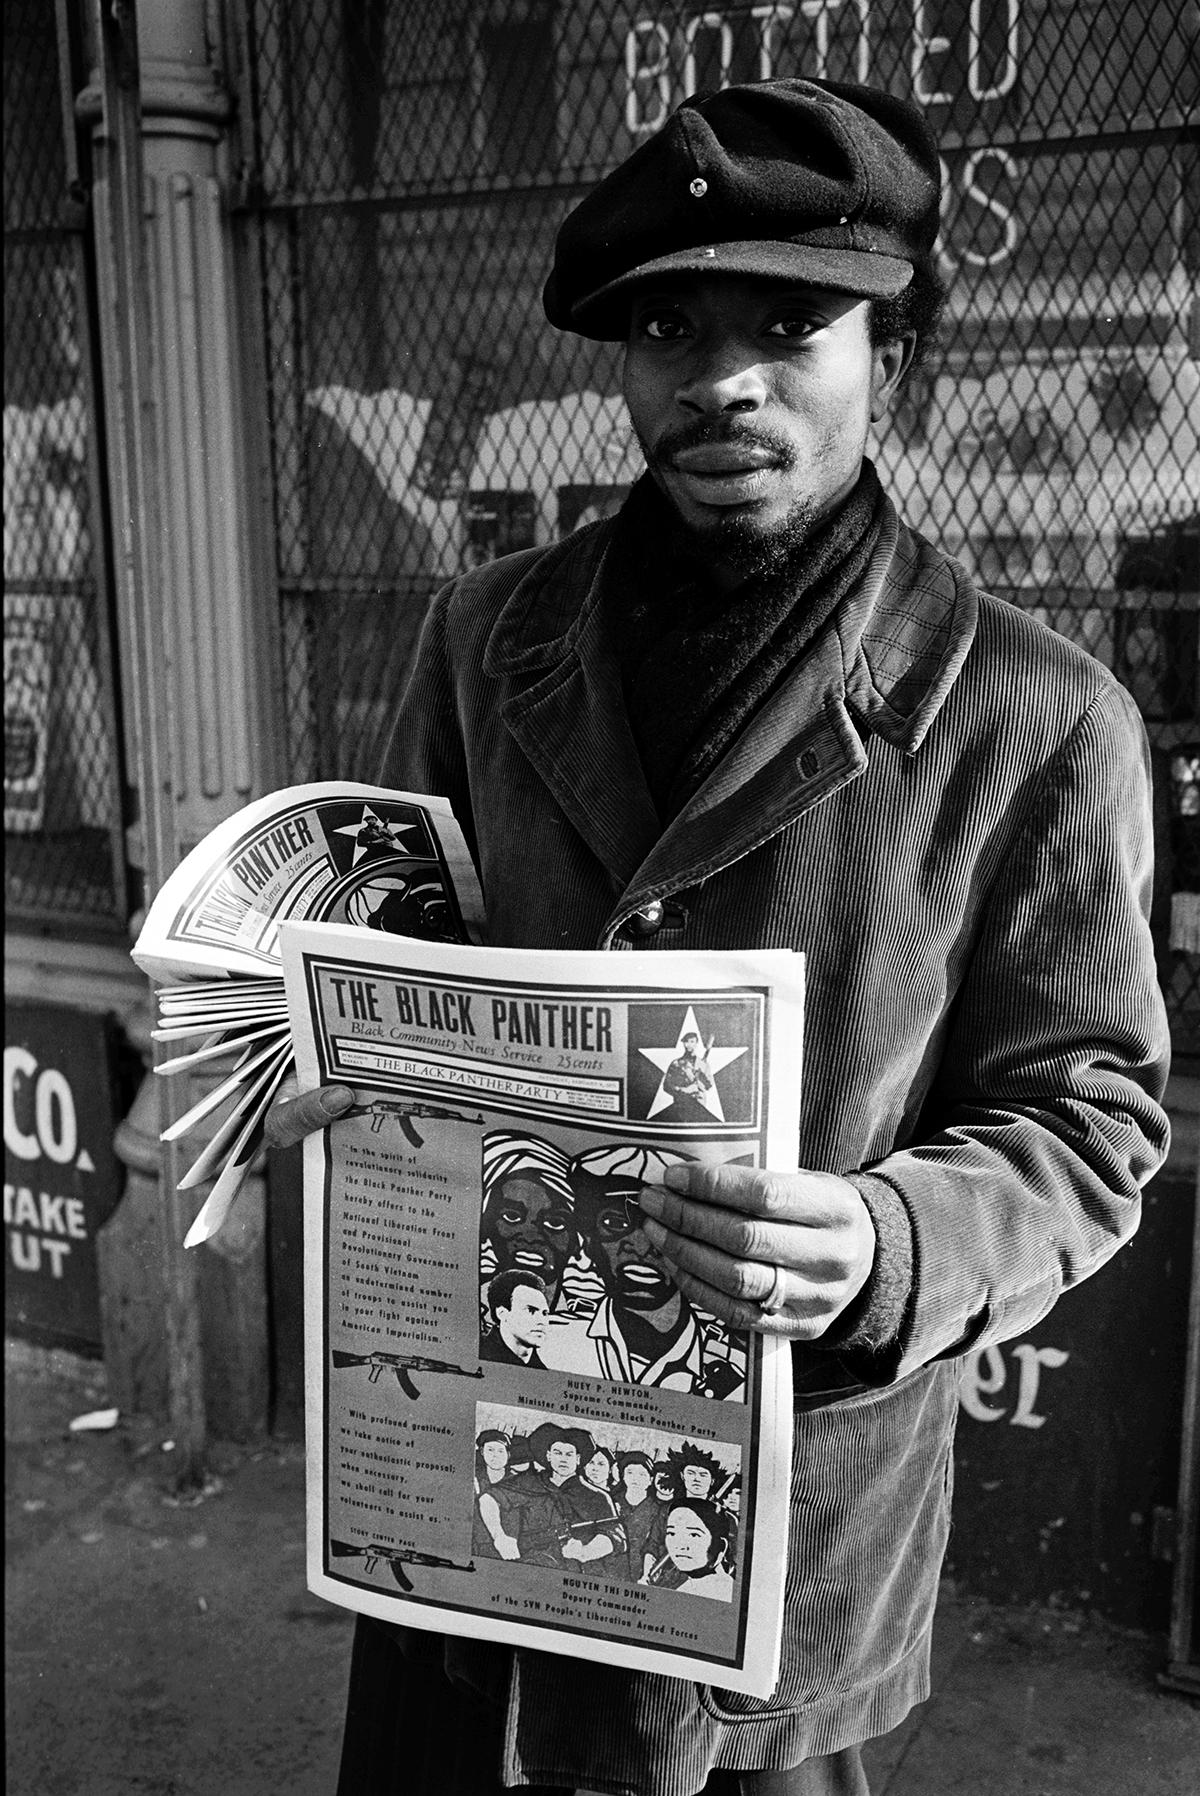 Un membre du Black Panther Party.